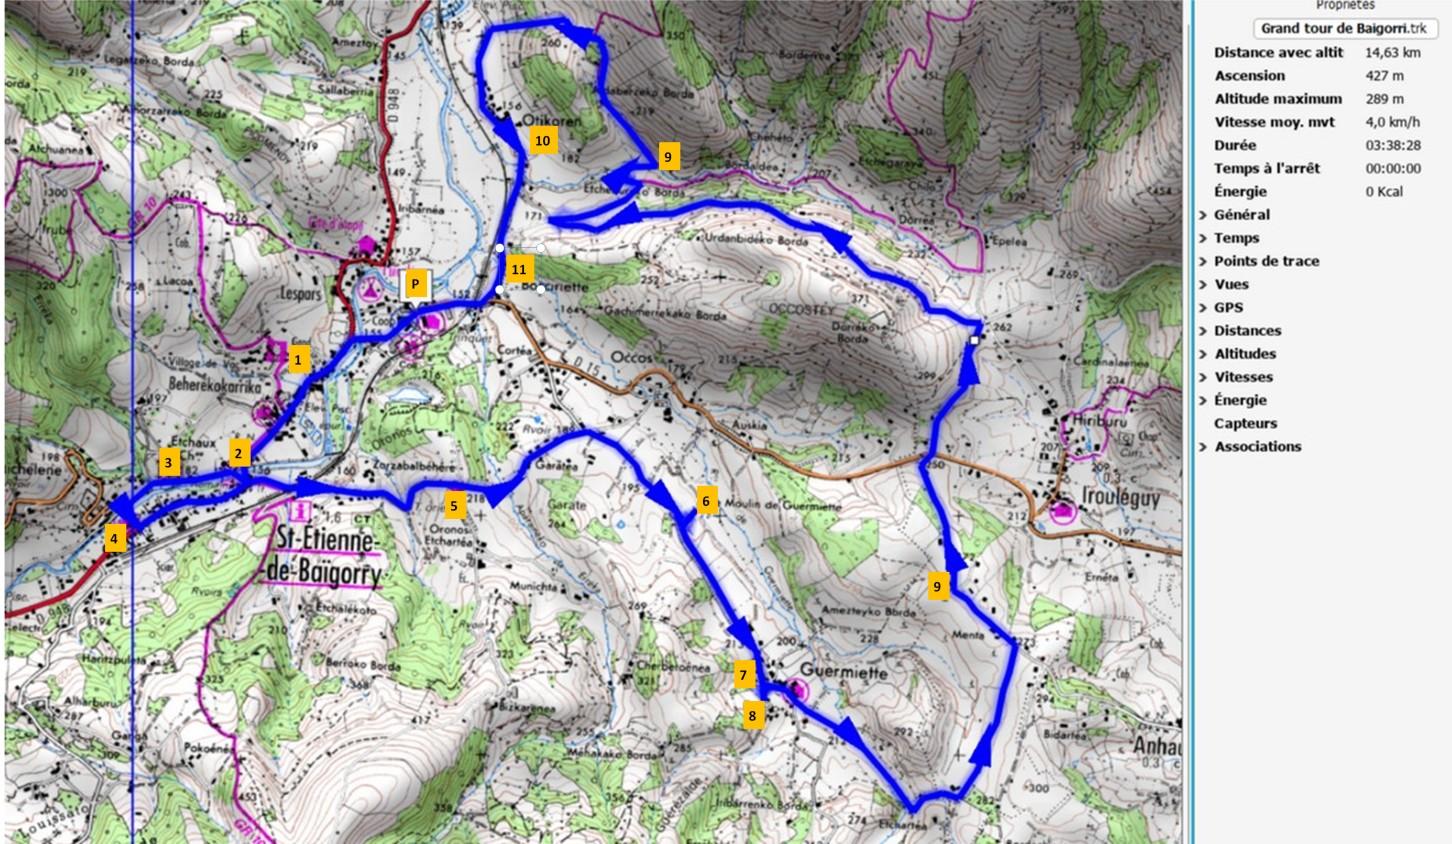 Circuit randonnée Baigorri